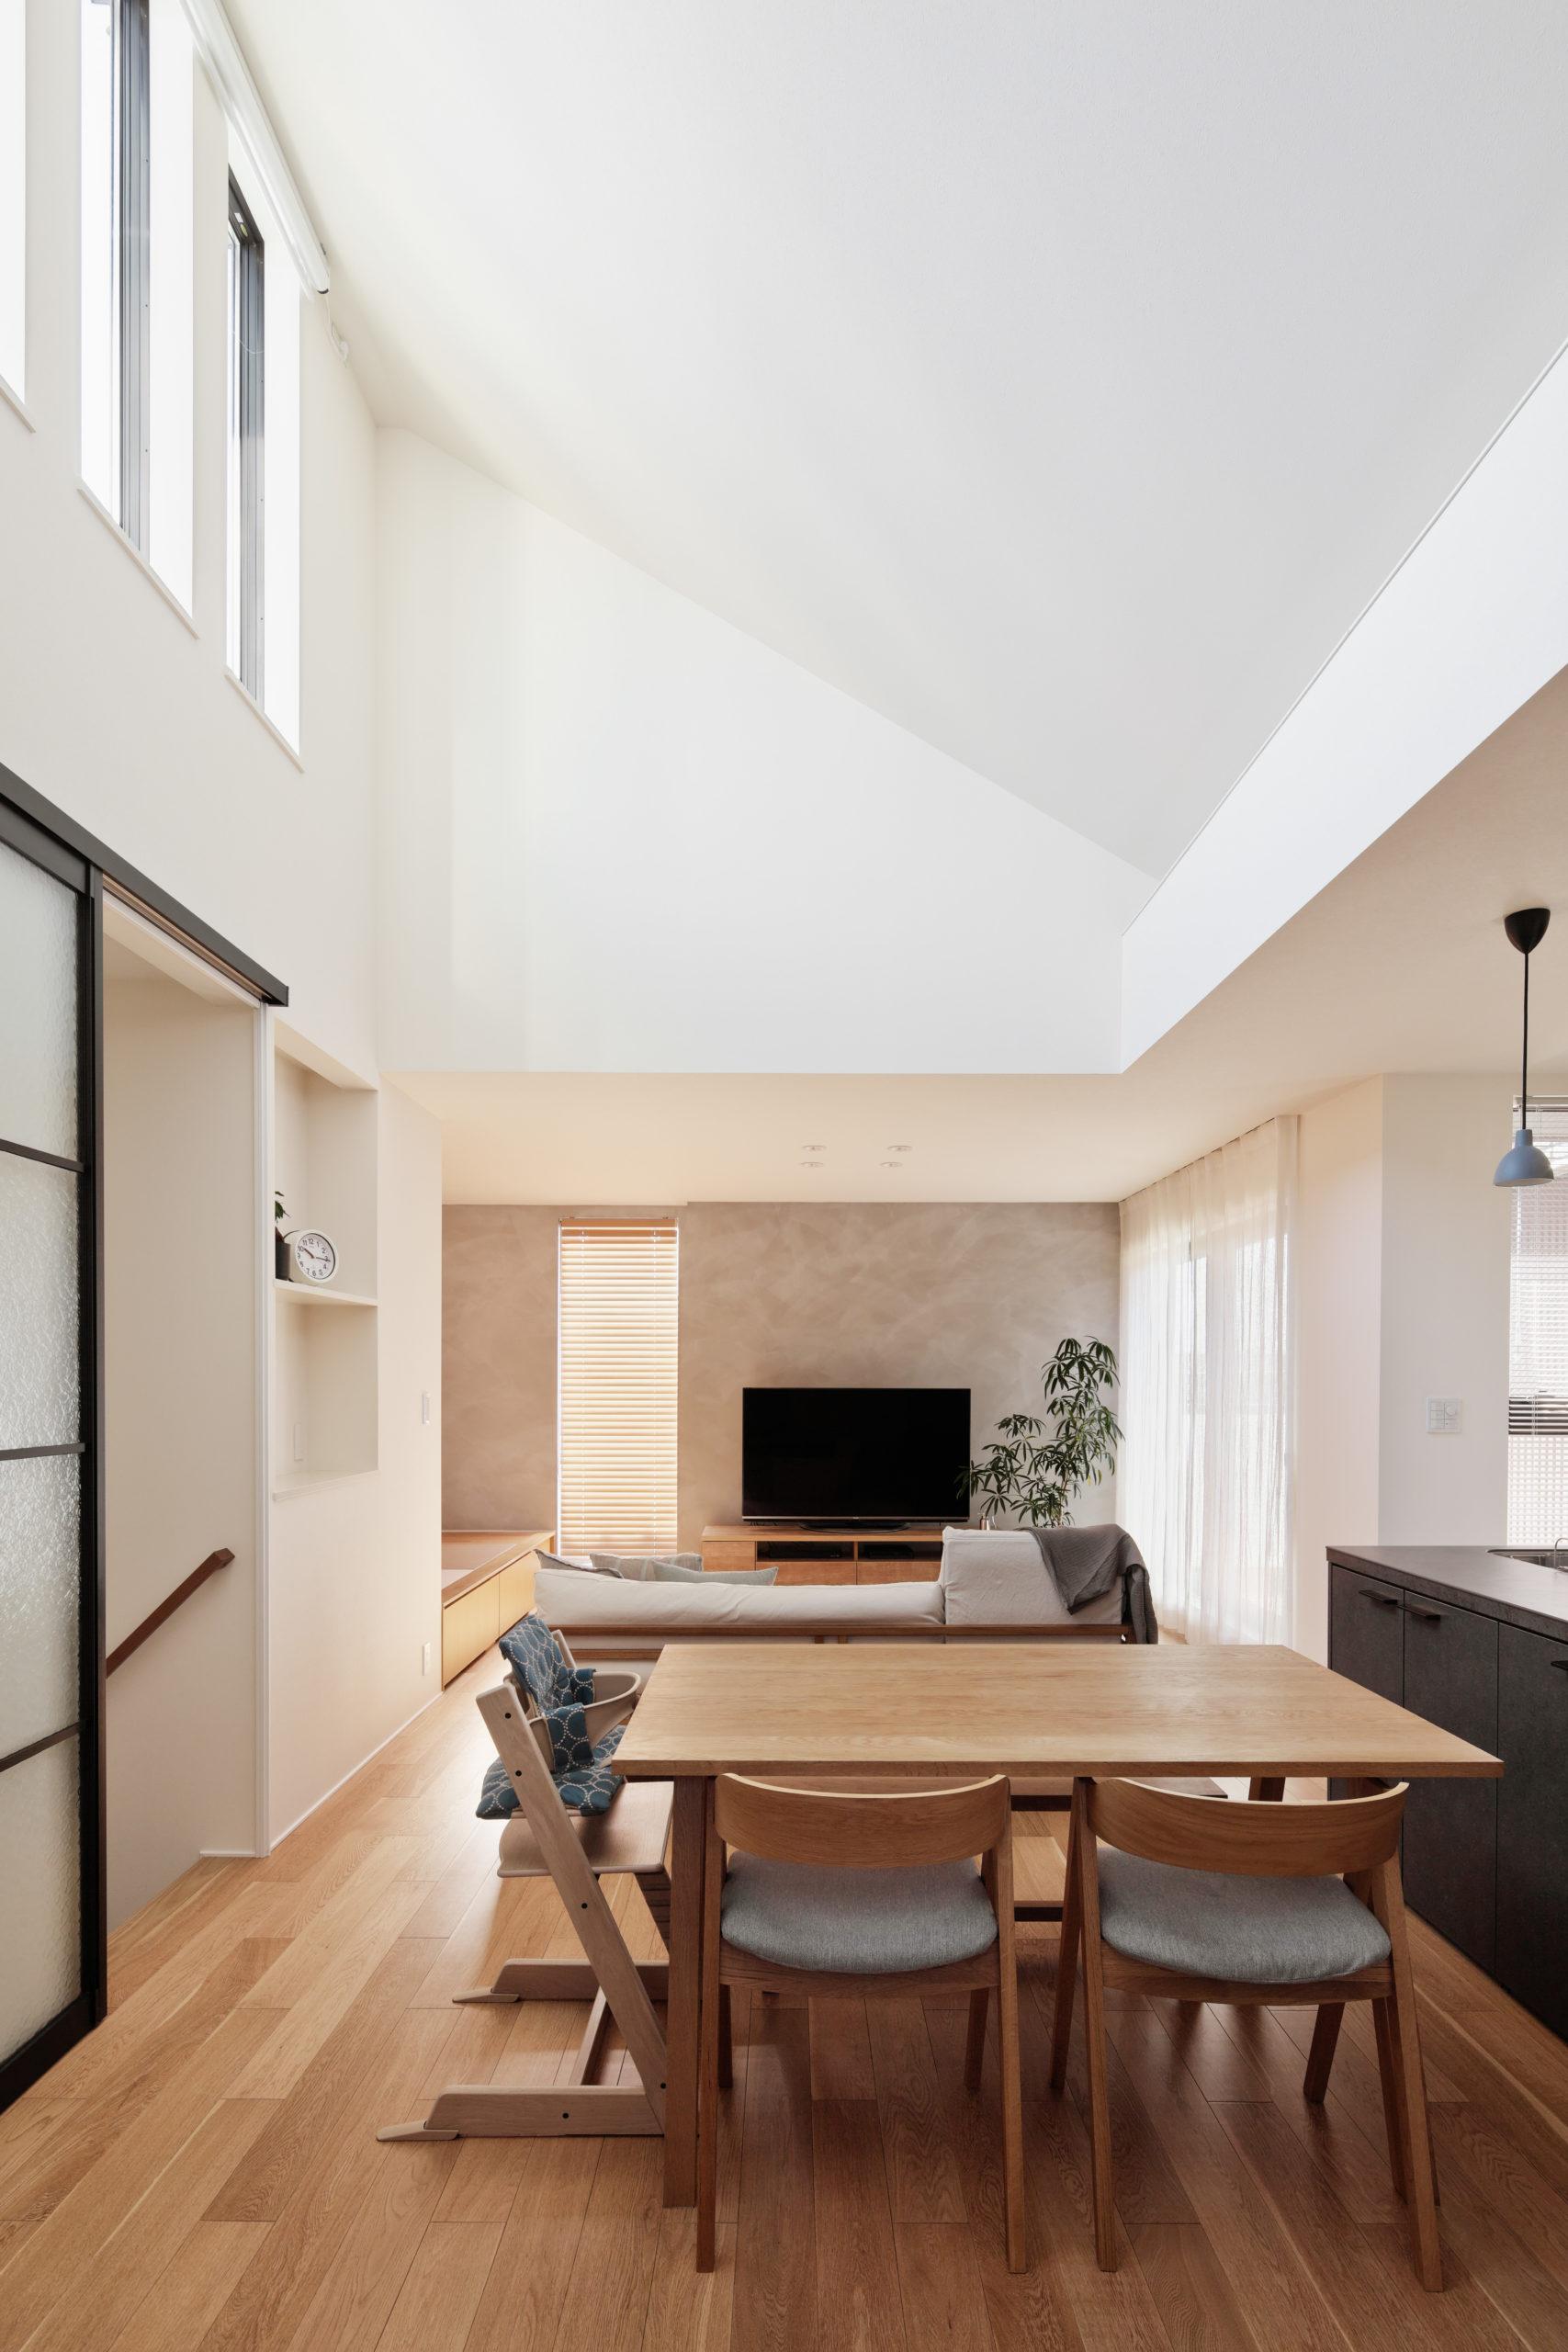 伸びのあるまっすぐな家具配置で広がりを感じられます